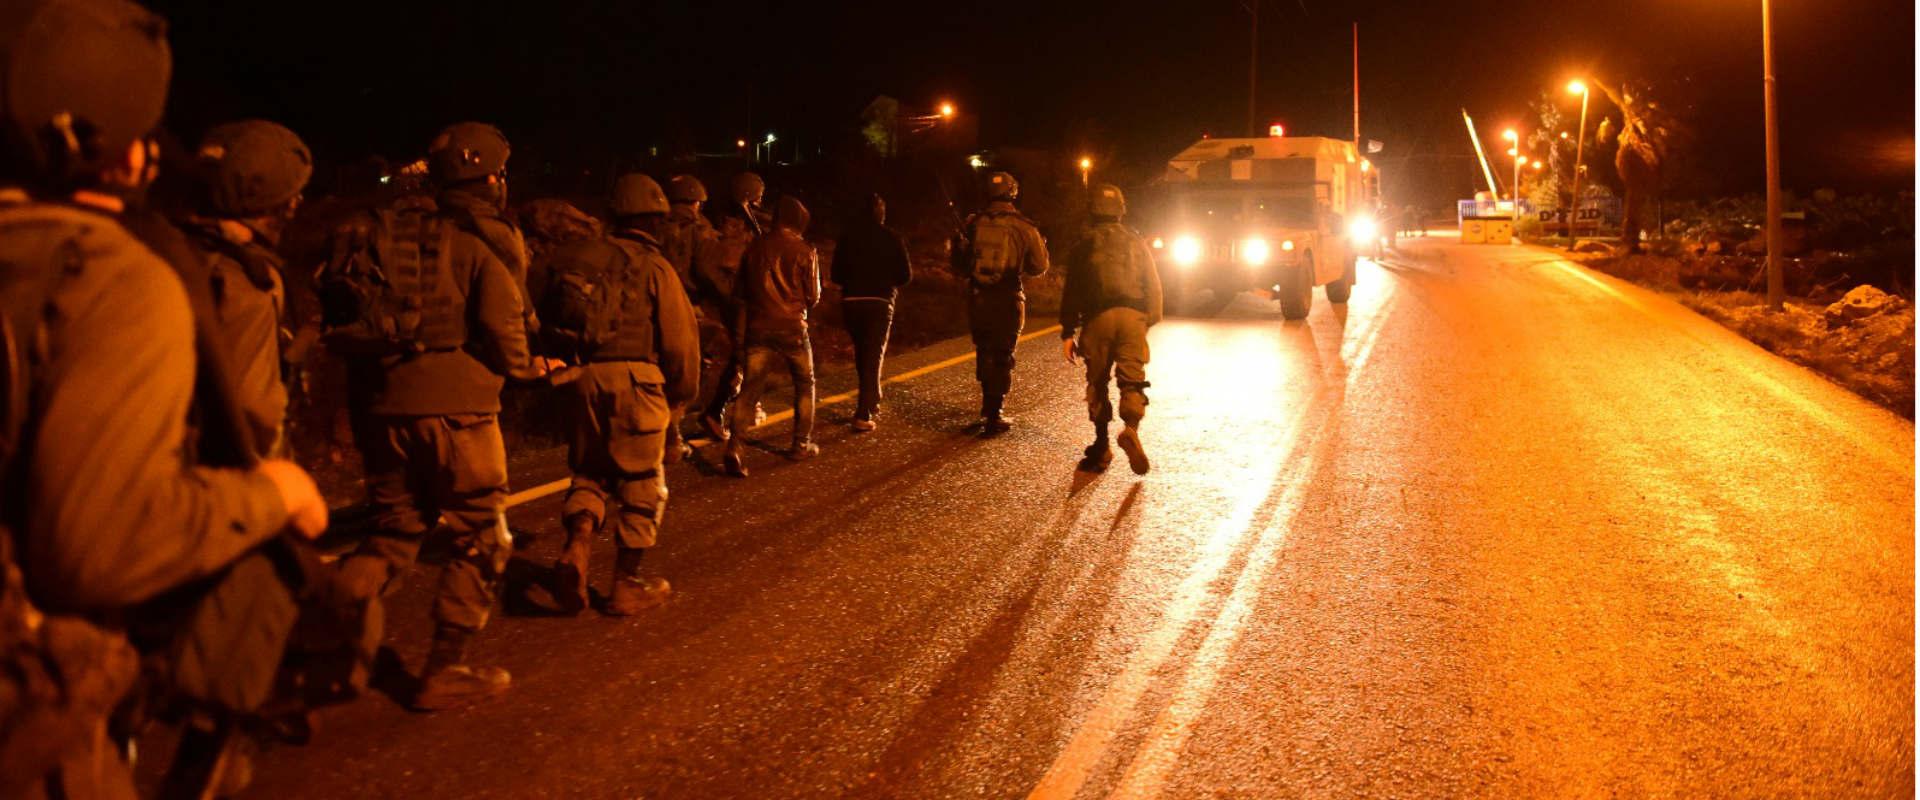 פעילות כוחות הביטחון, הלילה סמוך לקוסרא